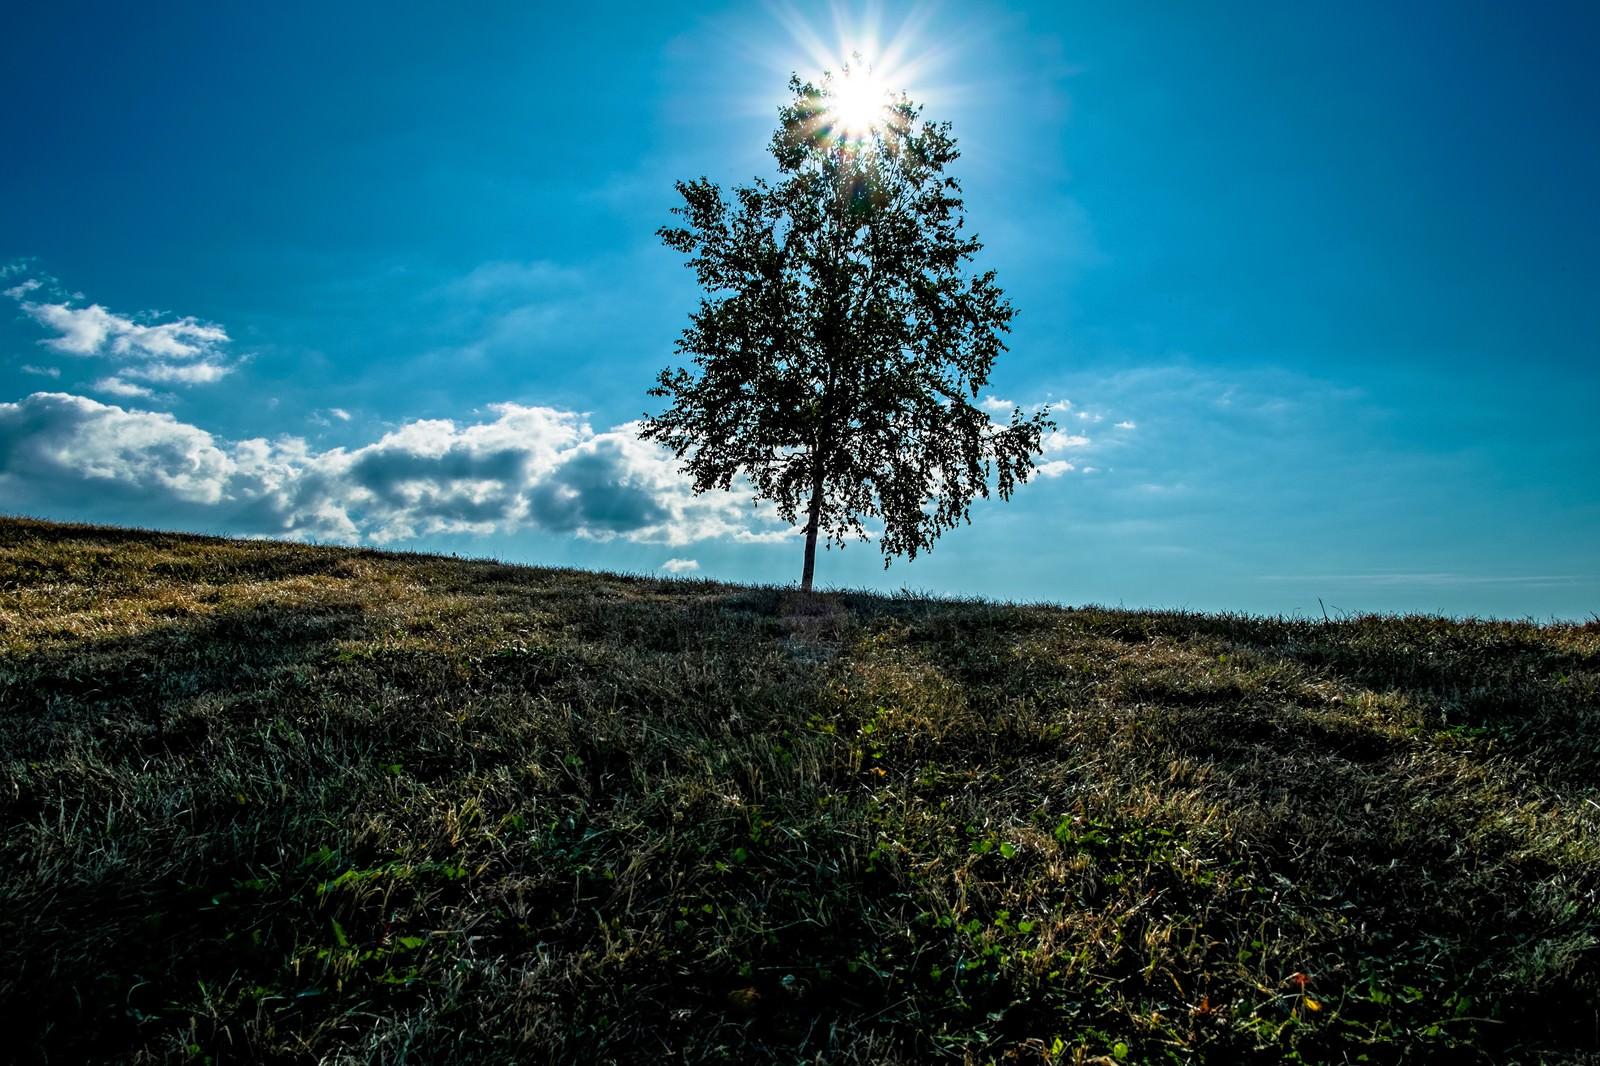 「逆光と一本の木(美瑛)逆光と一本の木(美瑛)」のフリー写真素材を拡大